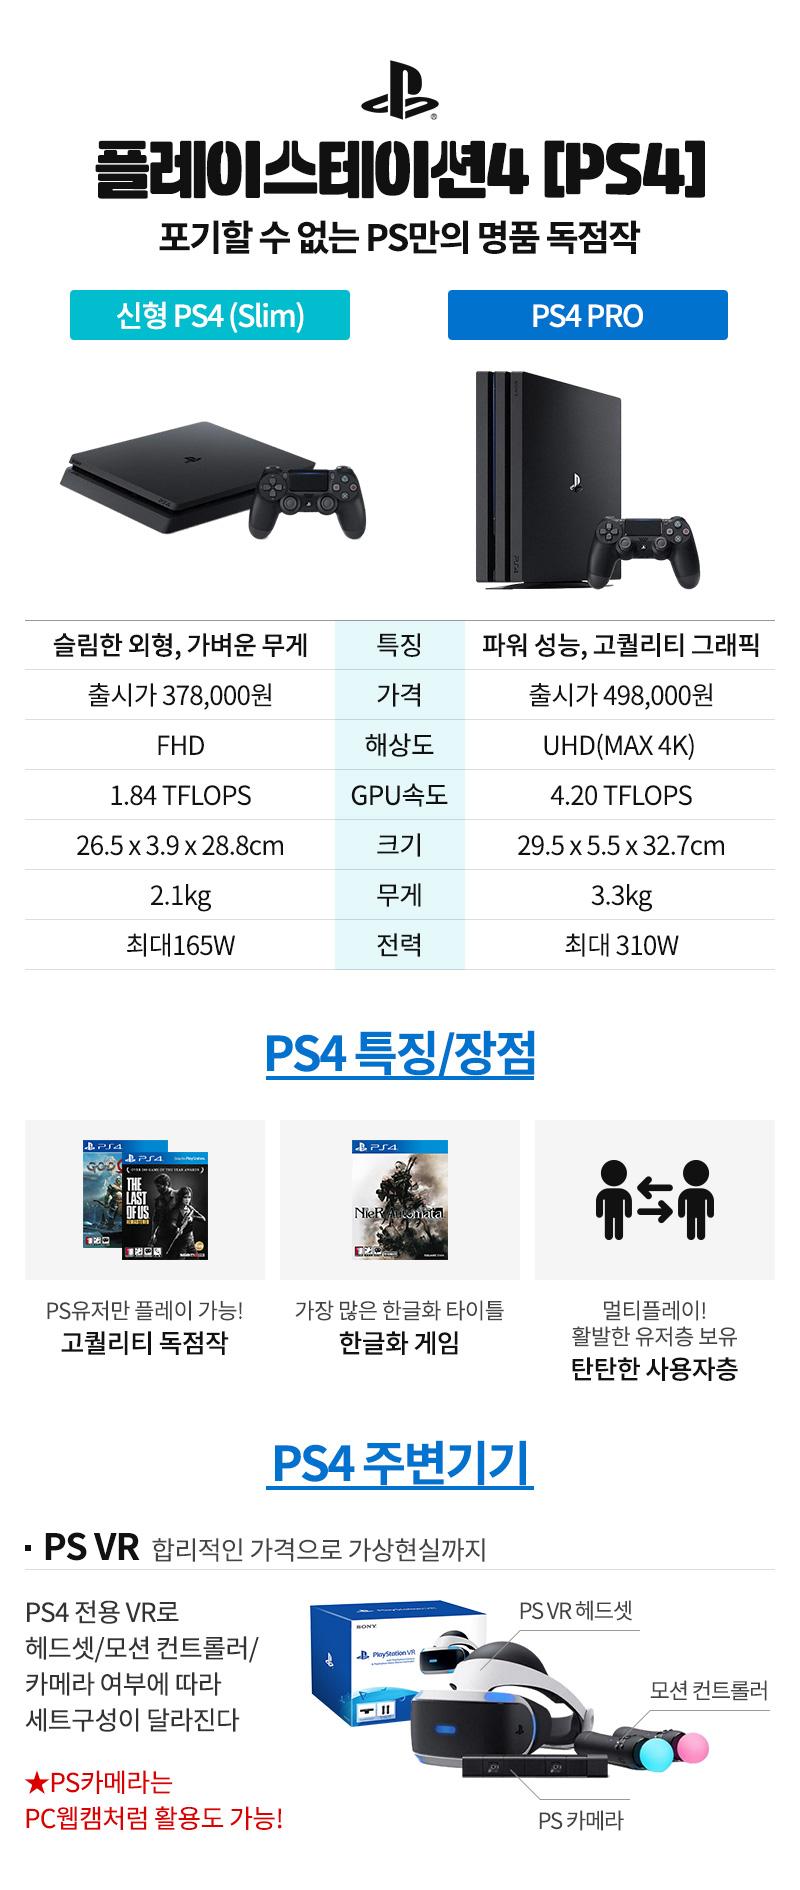 플레이스테이션4 [PS4]: 포기할 수 없는 PS만의 명품 독점작